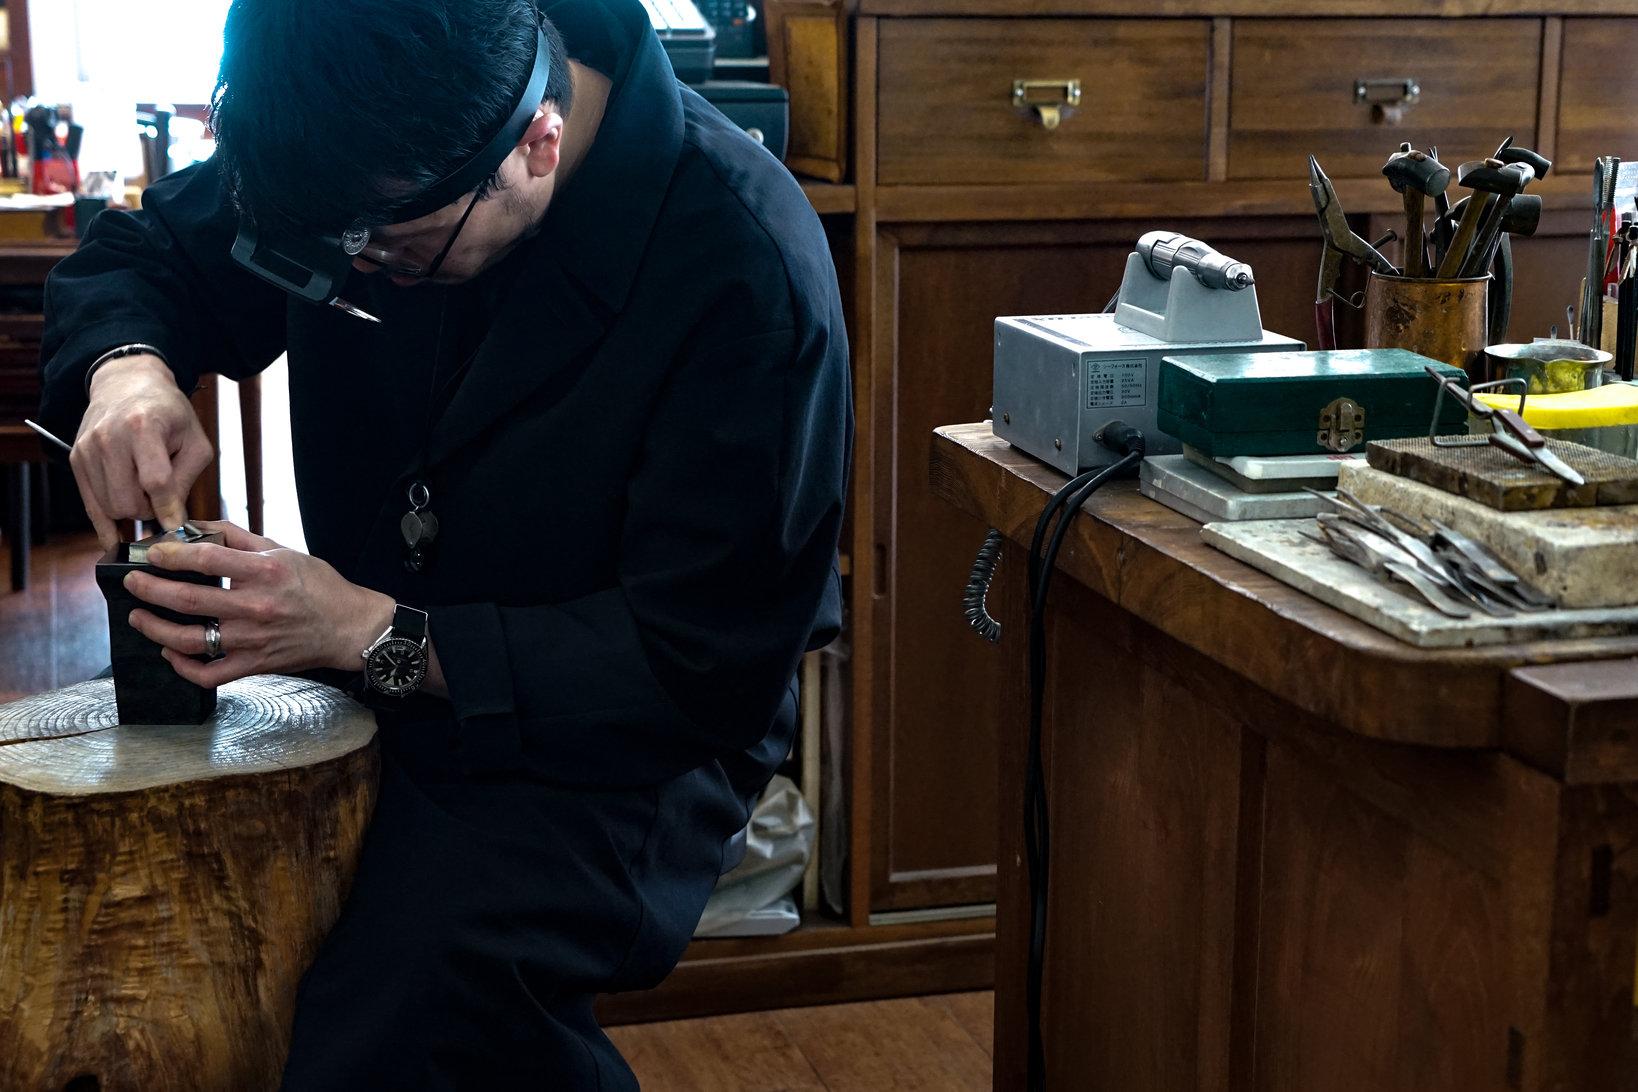 ユニフォームはエプロンではなく全身を包み込むワークコート。ジュエリー製作の現場では、粉塵やオイルなどにまみれて意外と汚れる。フランスのメゾンで働く職人をイメージしたこのコートは吾郎さんの代名詞でもある。